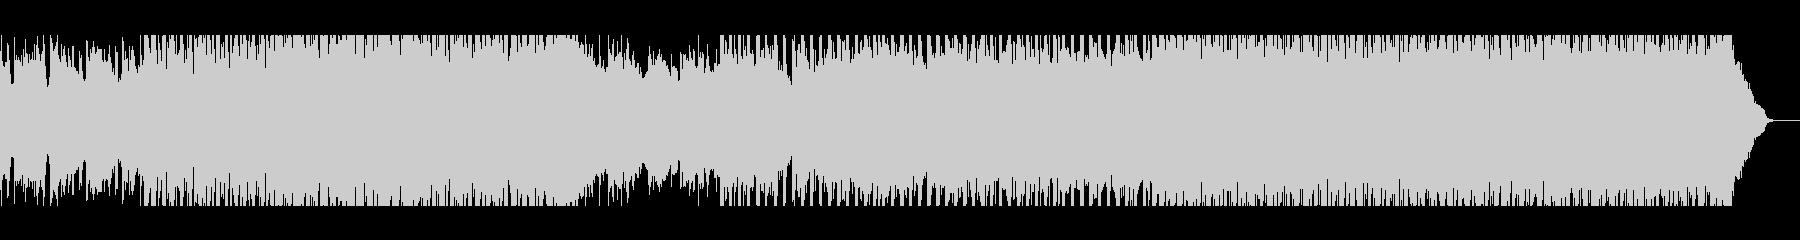 ポップ テクノ トロピカル コーポ...の未再生の波形